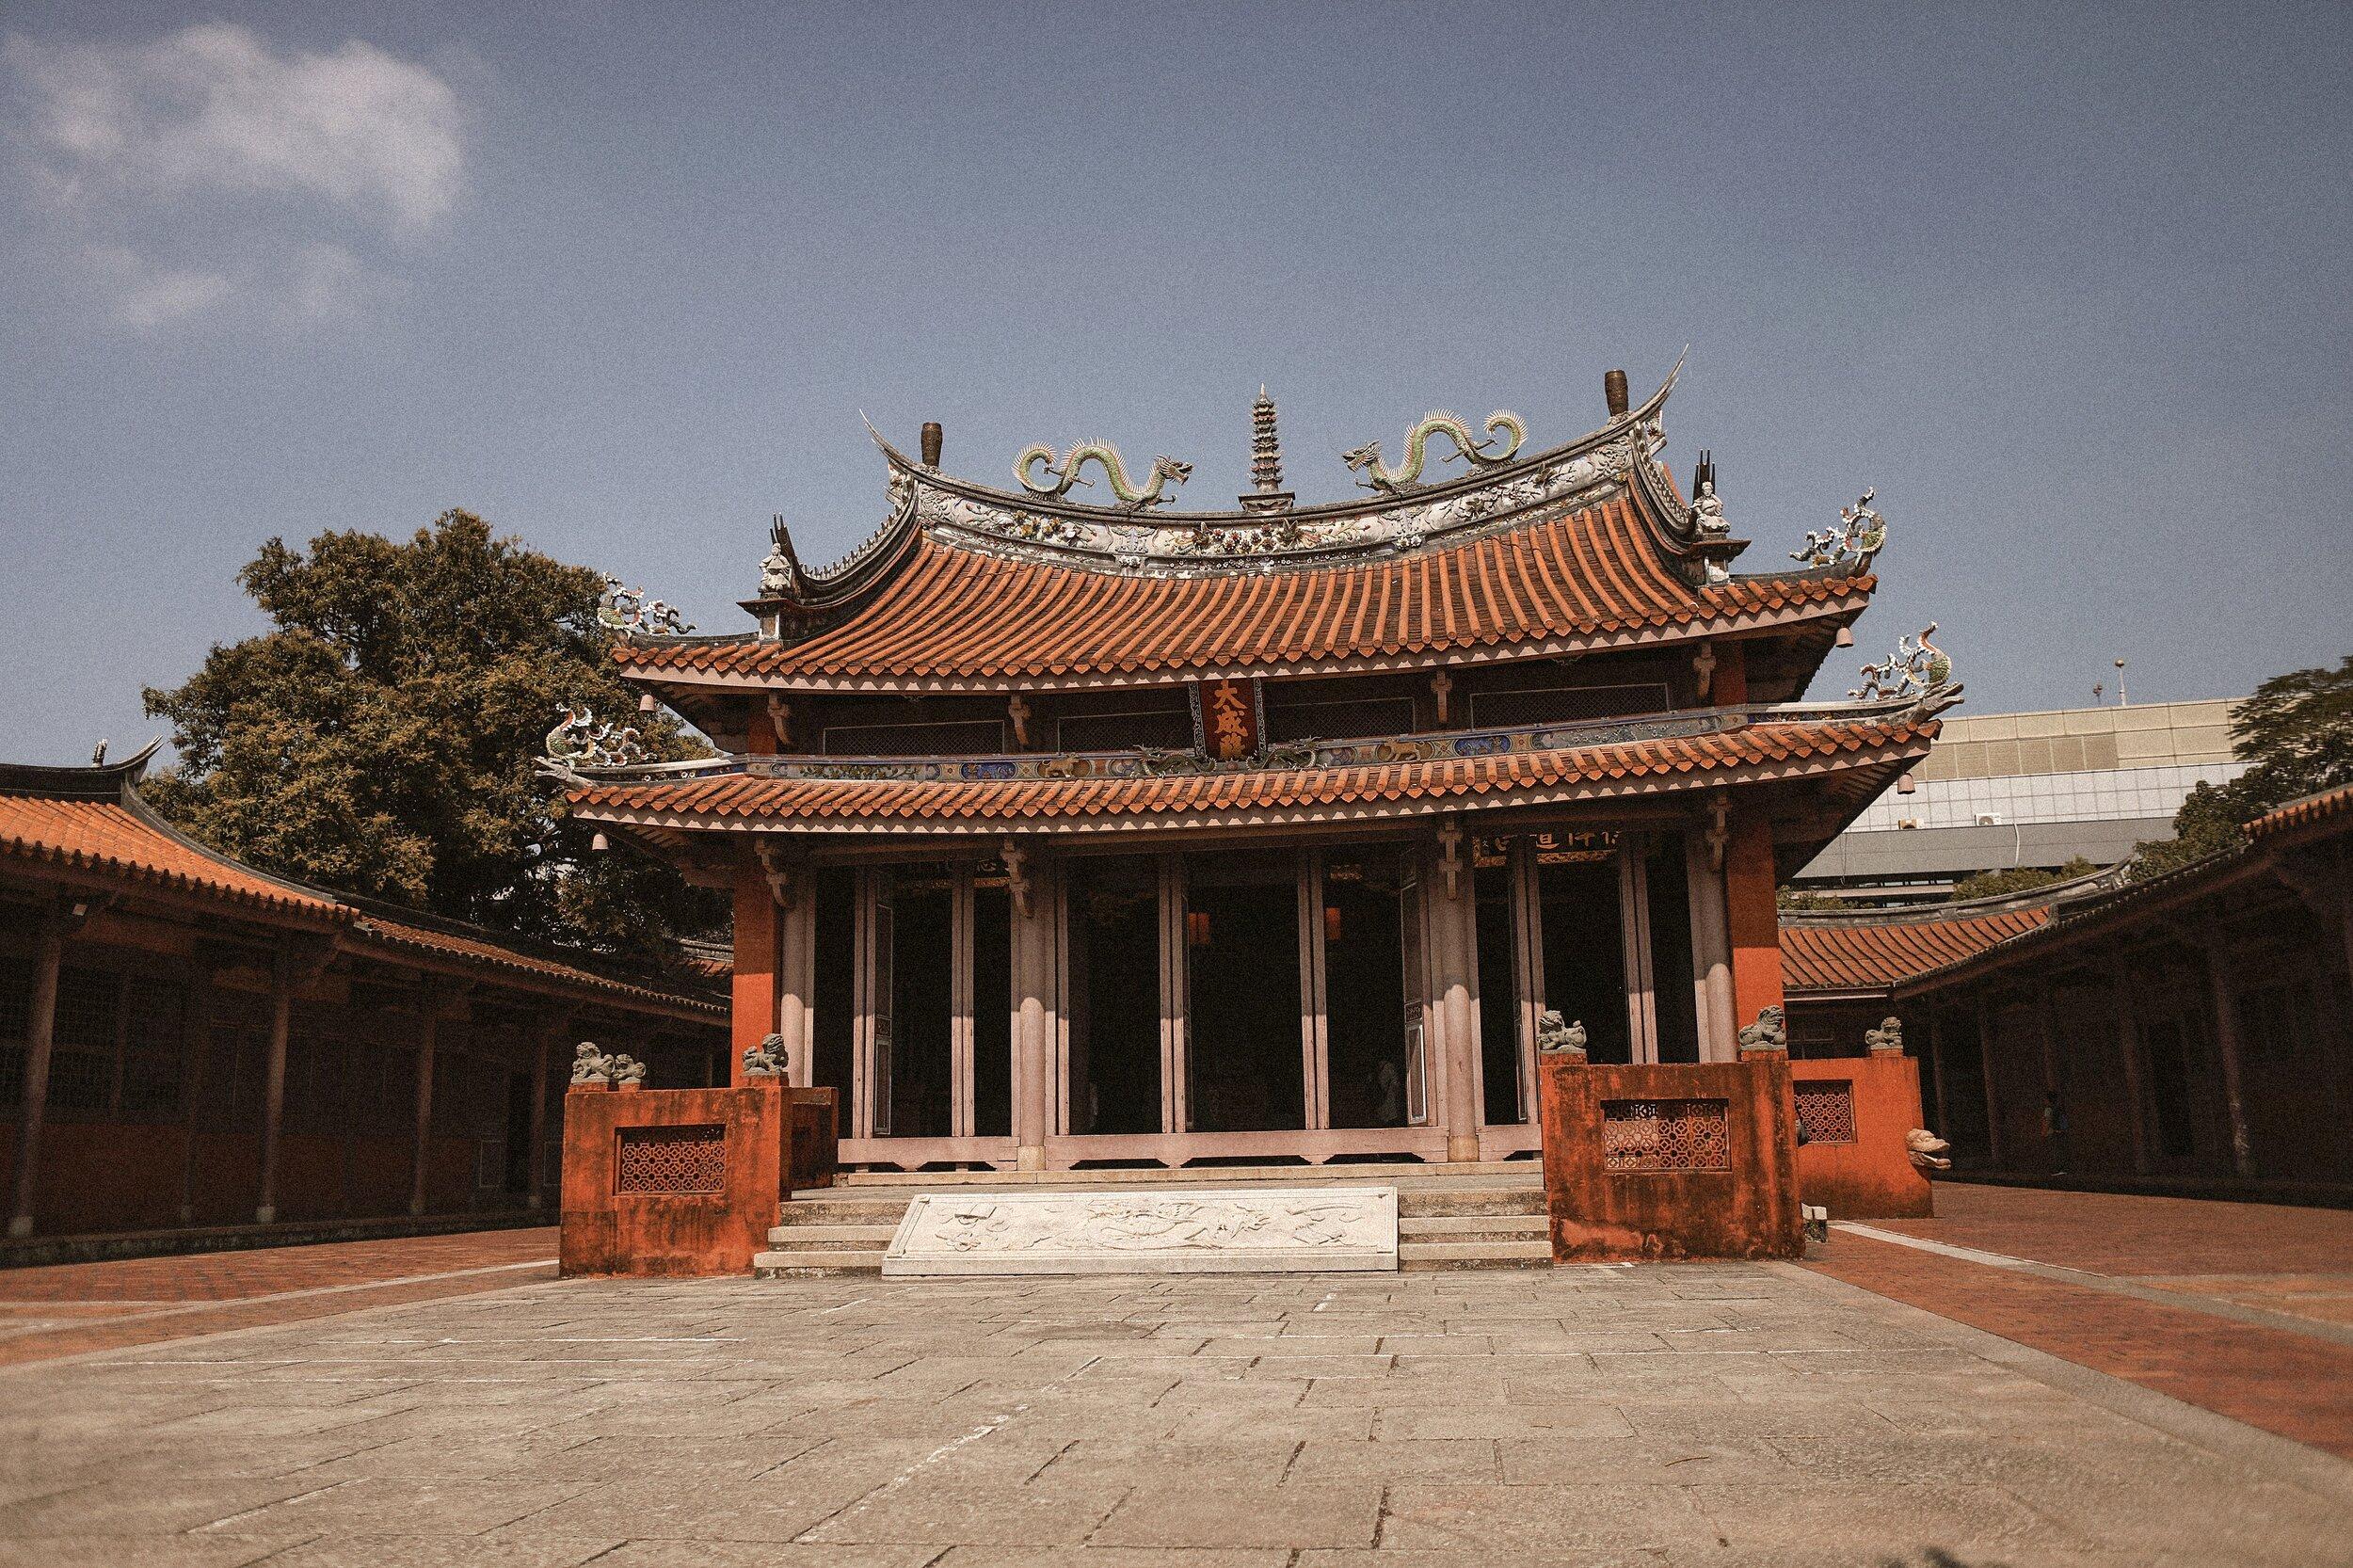 Tainan Confucius Temple | Tainan, Taiwan